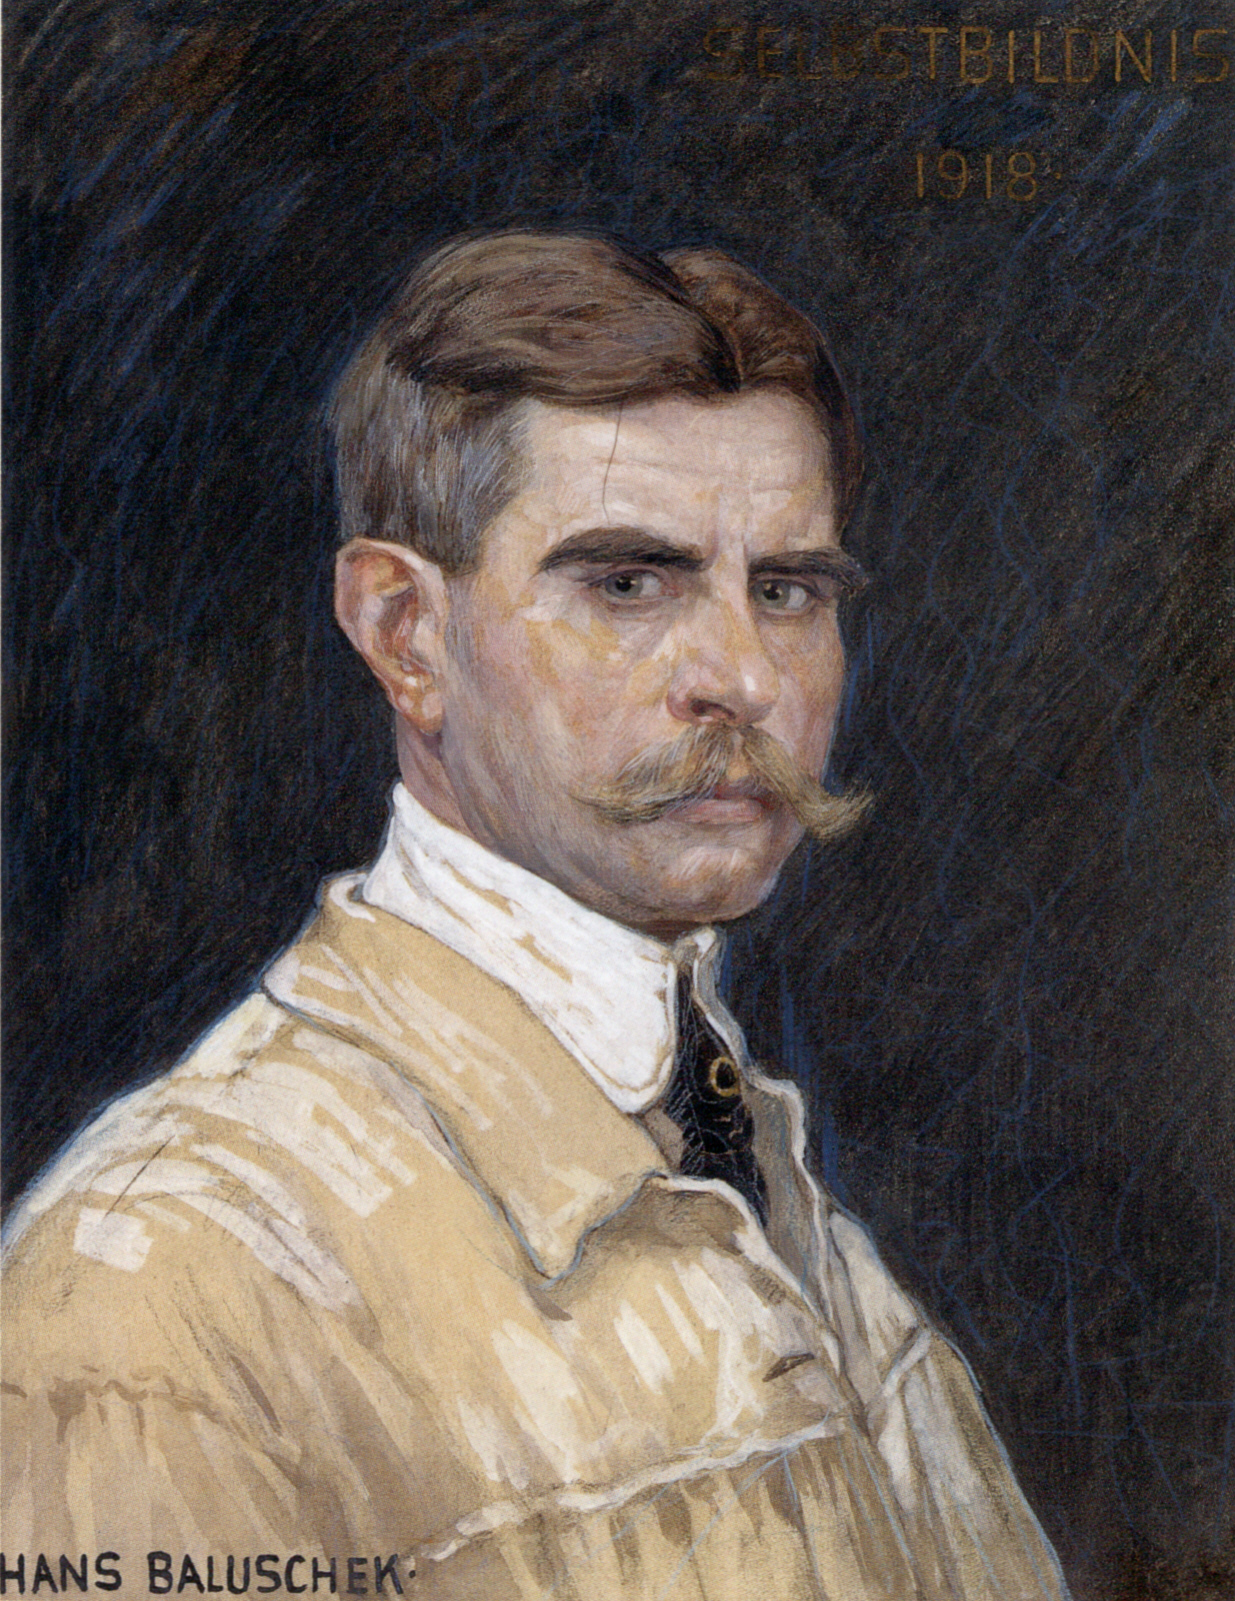 Hans Baluschek. Selbstportrait. 1918. Aquarell und Kreide / Pappe. 61 x 47cm